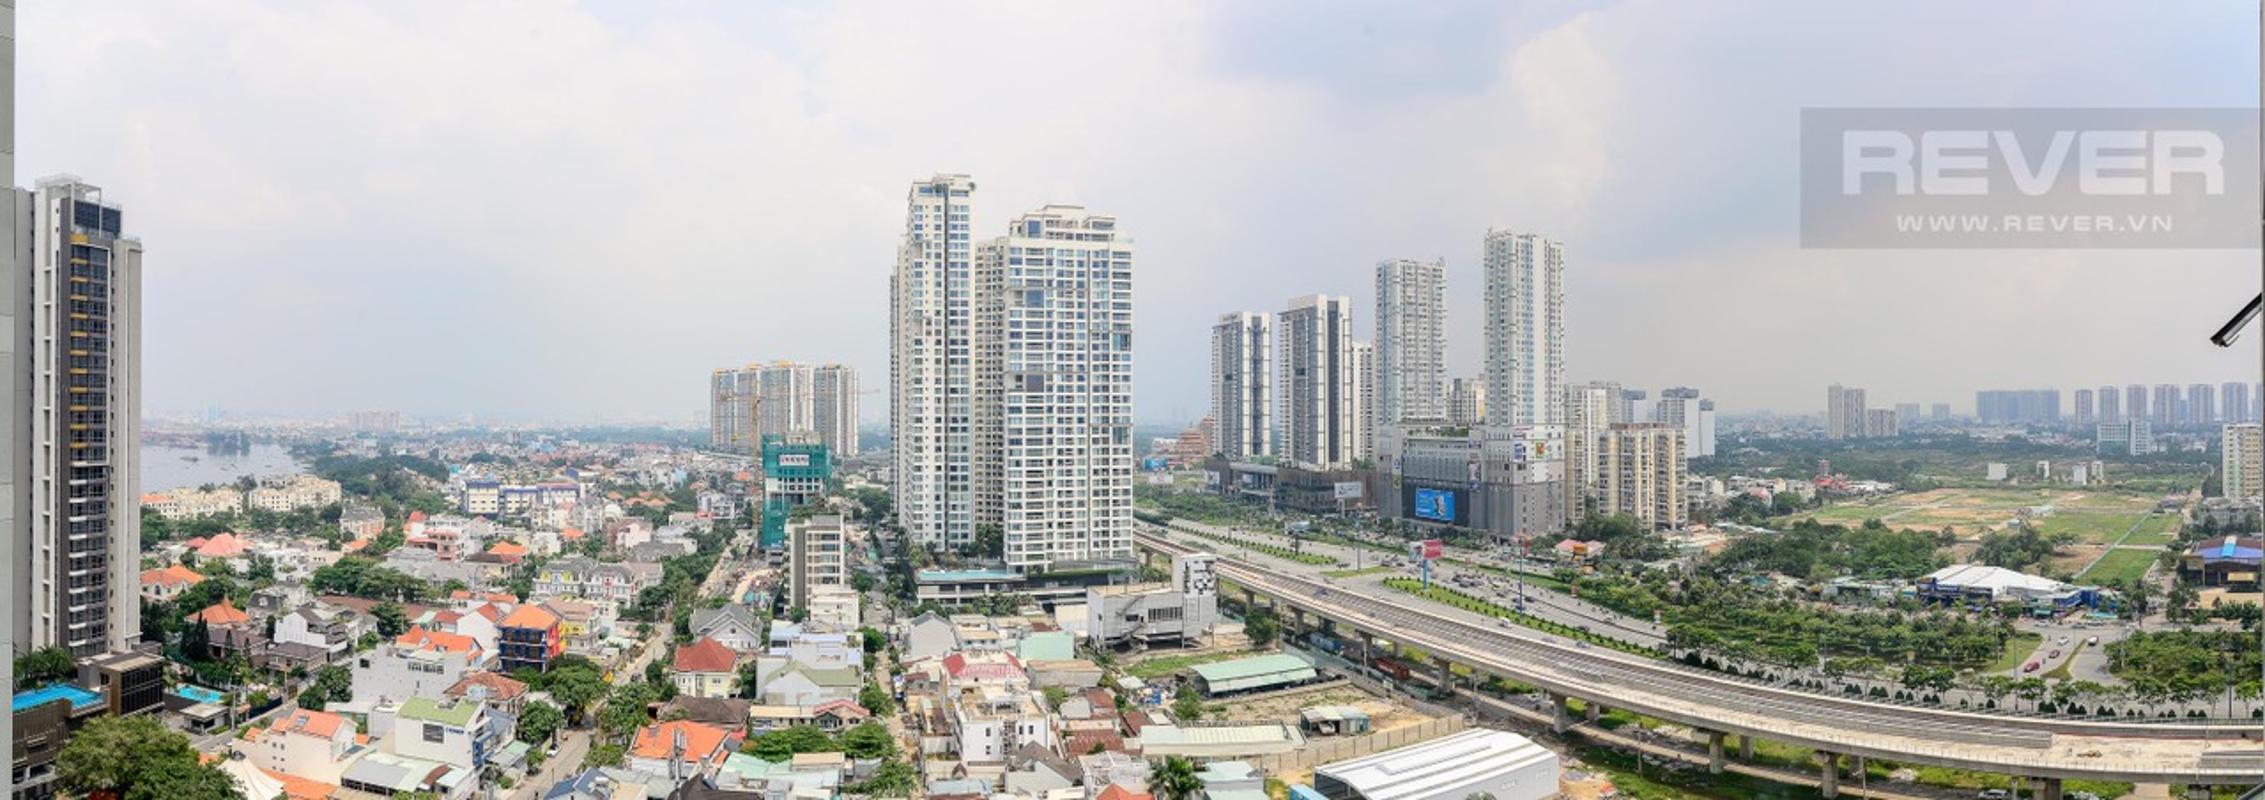 d5c443612a1acc44950b Cho thuê căn hộ Masteri Thảo Điền 2PN, tầng trung, tháp T4, đầy đủ nội thất, view Xa lộ Hà Nội